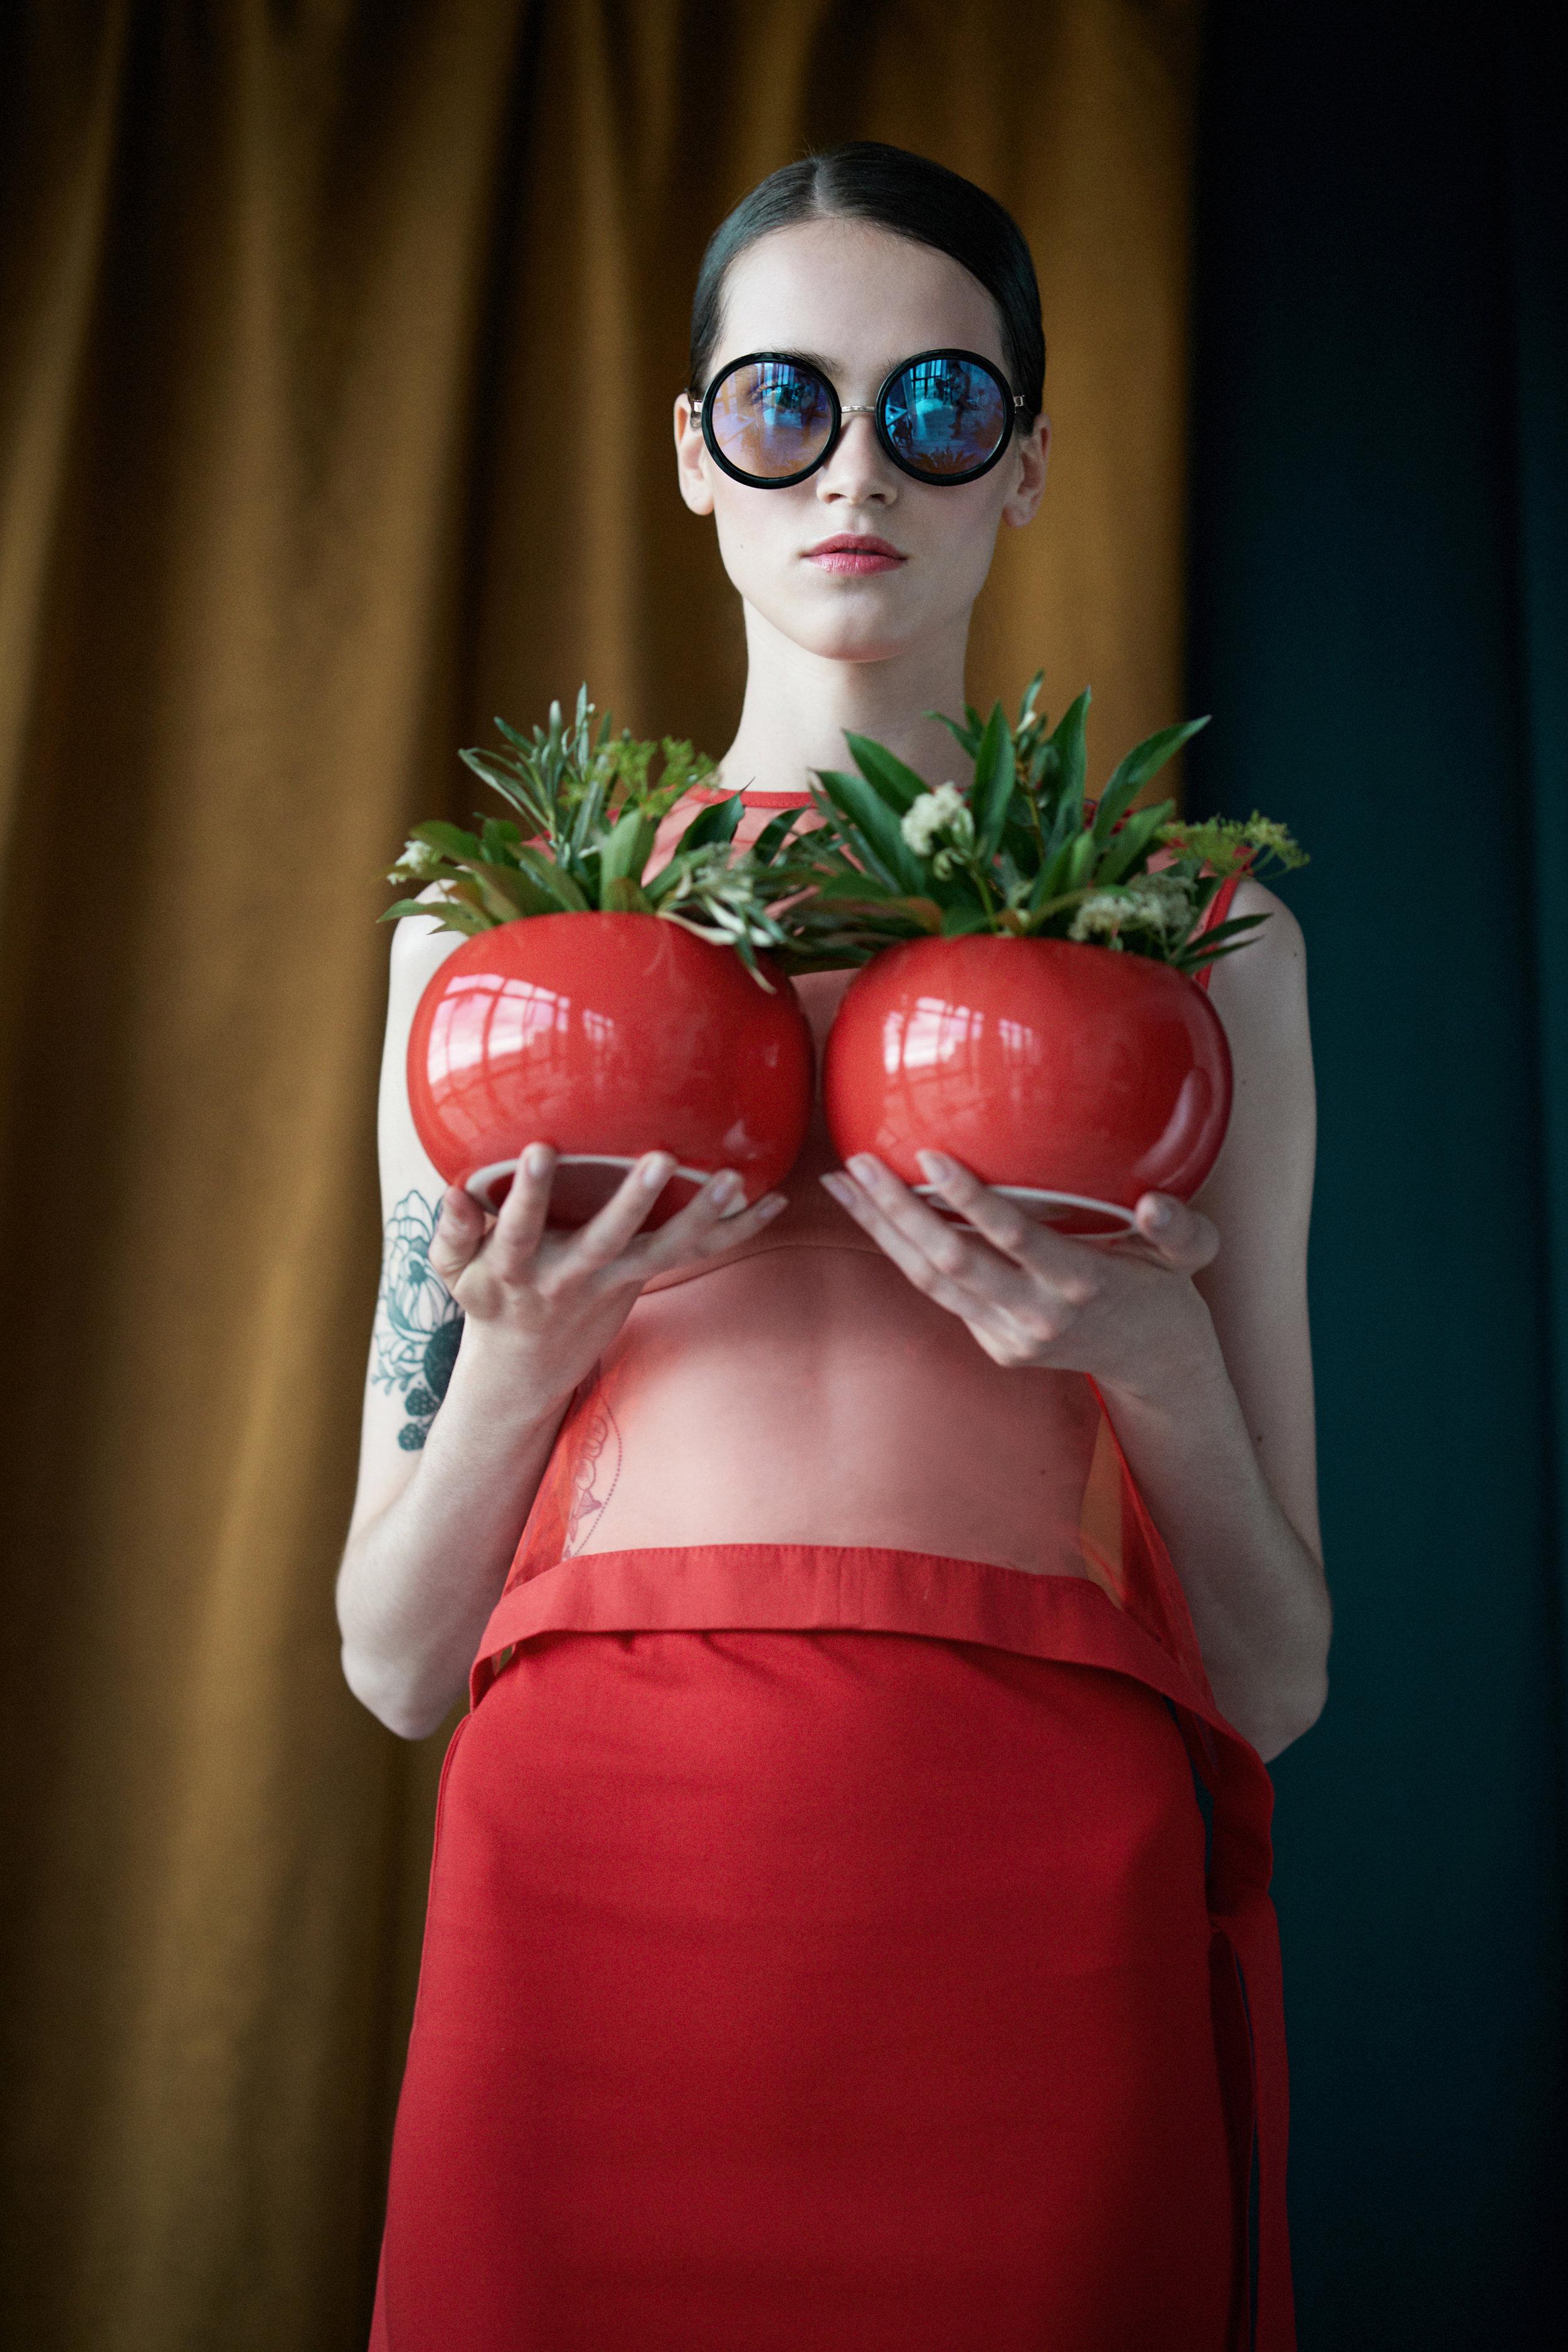 Blouse DerbentcevaT @derbentcevat. Skirt DerbentcevaT @derbentcevat. Glasses – property of stylist